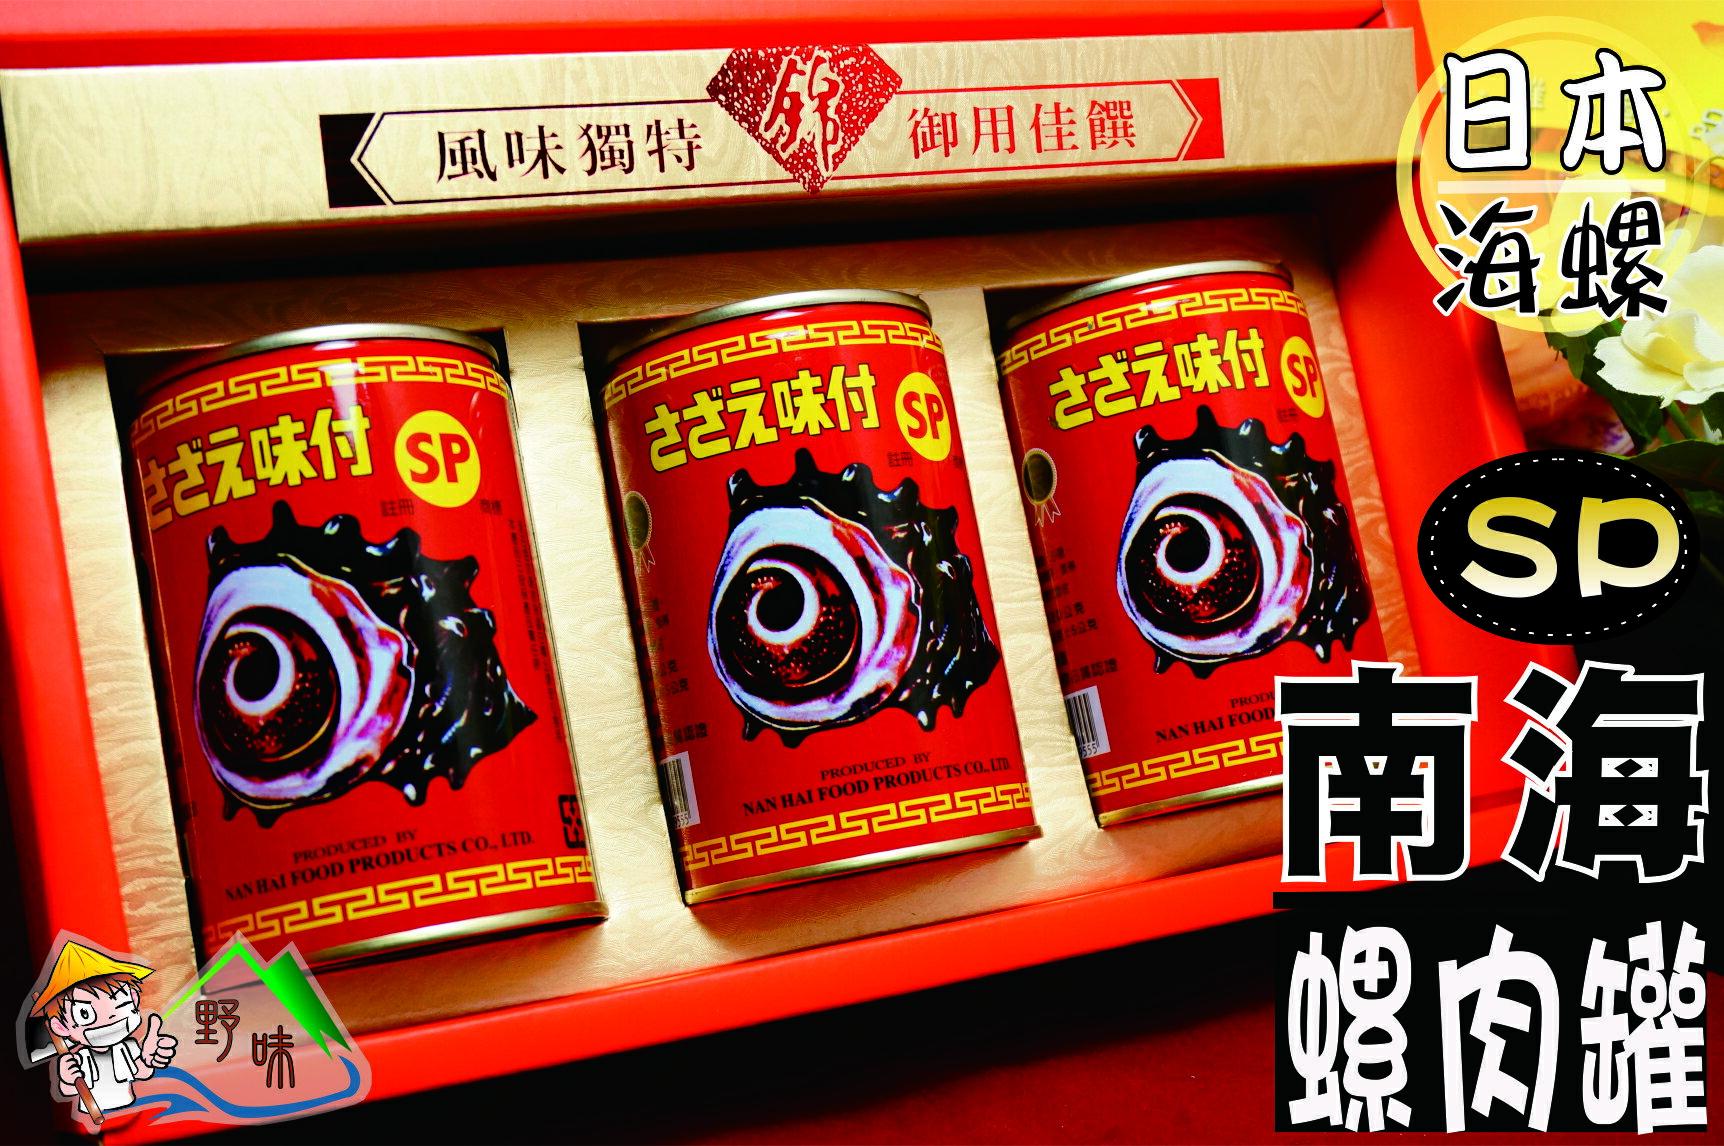 【野味食品】三寶好禮36(南海SP螺肉罐頭)(一盒3罐)(附贈年節禮盒、禮袋)(春節禮盒,傳統禮盒,年貨禮盒)(伴手禮)